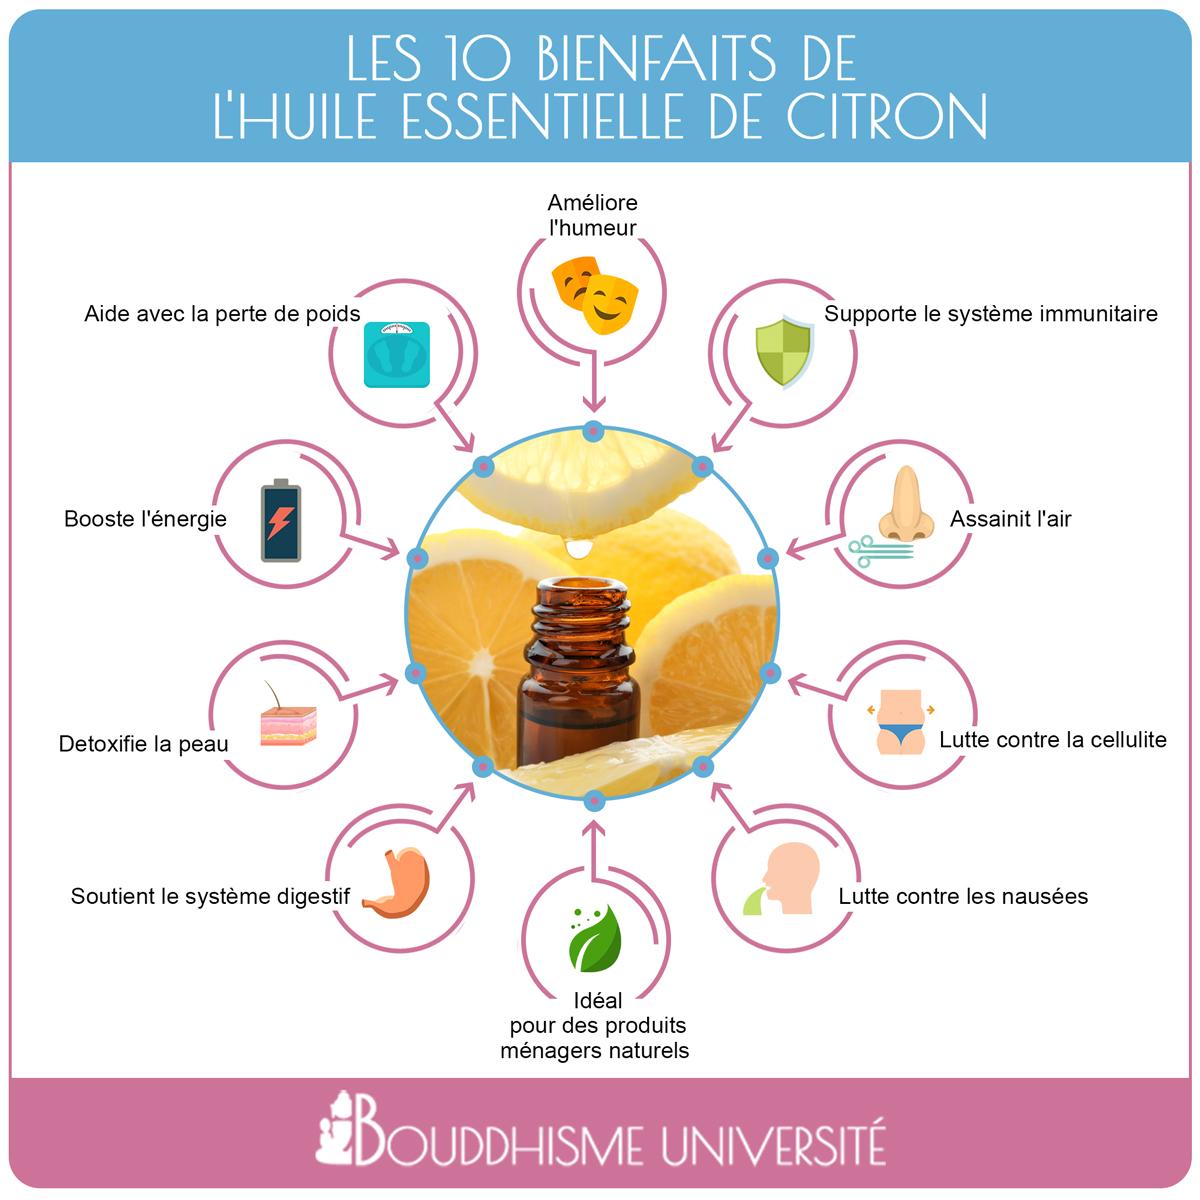 bienfaits de l'huile essentielle de citron